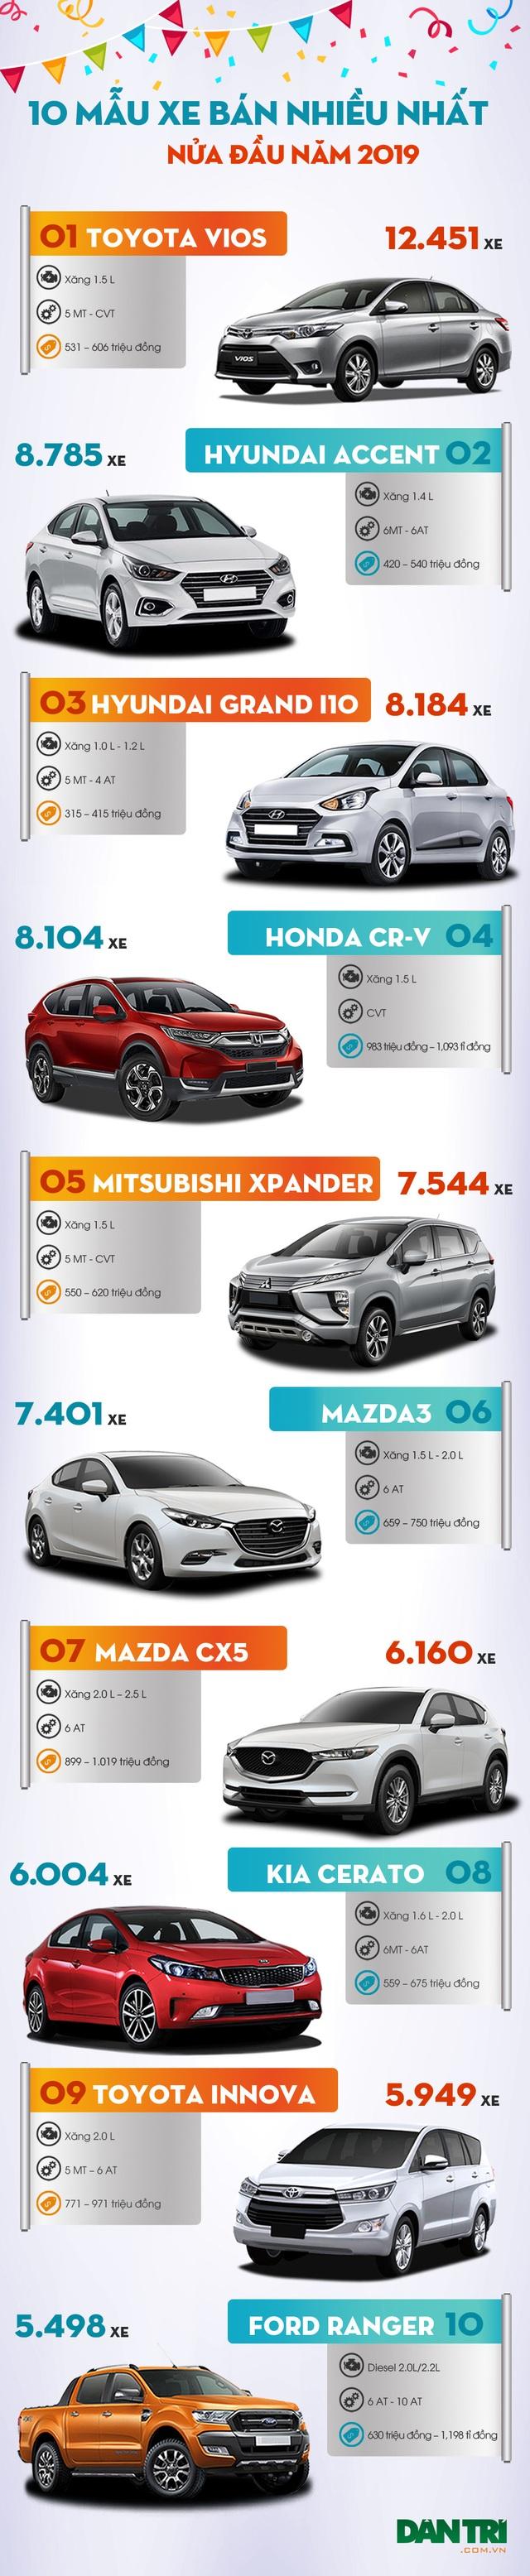 Thấy gì qua top 10 mẫu xe bán chạy nhất nửa đầu năm 2019? - 3